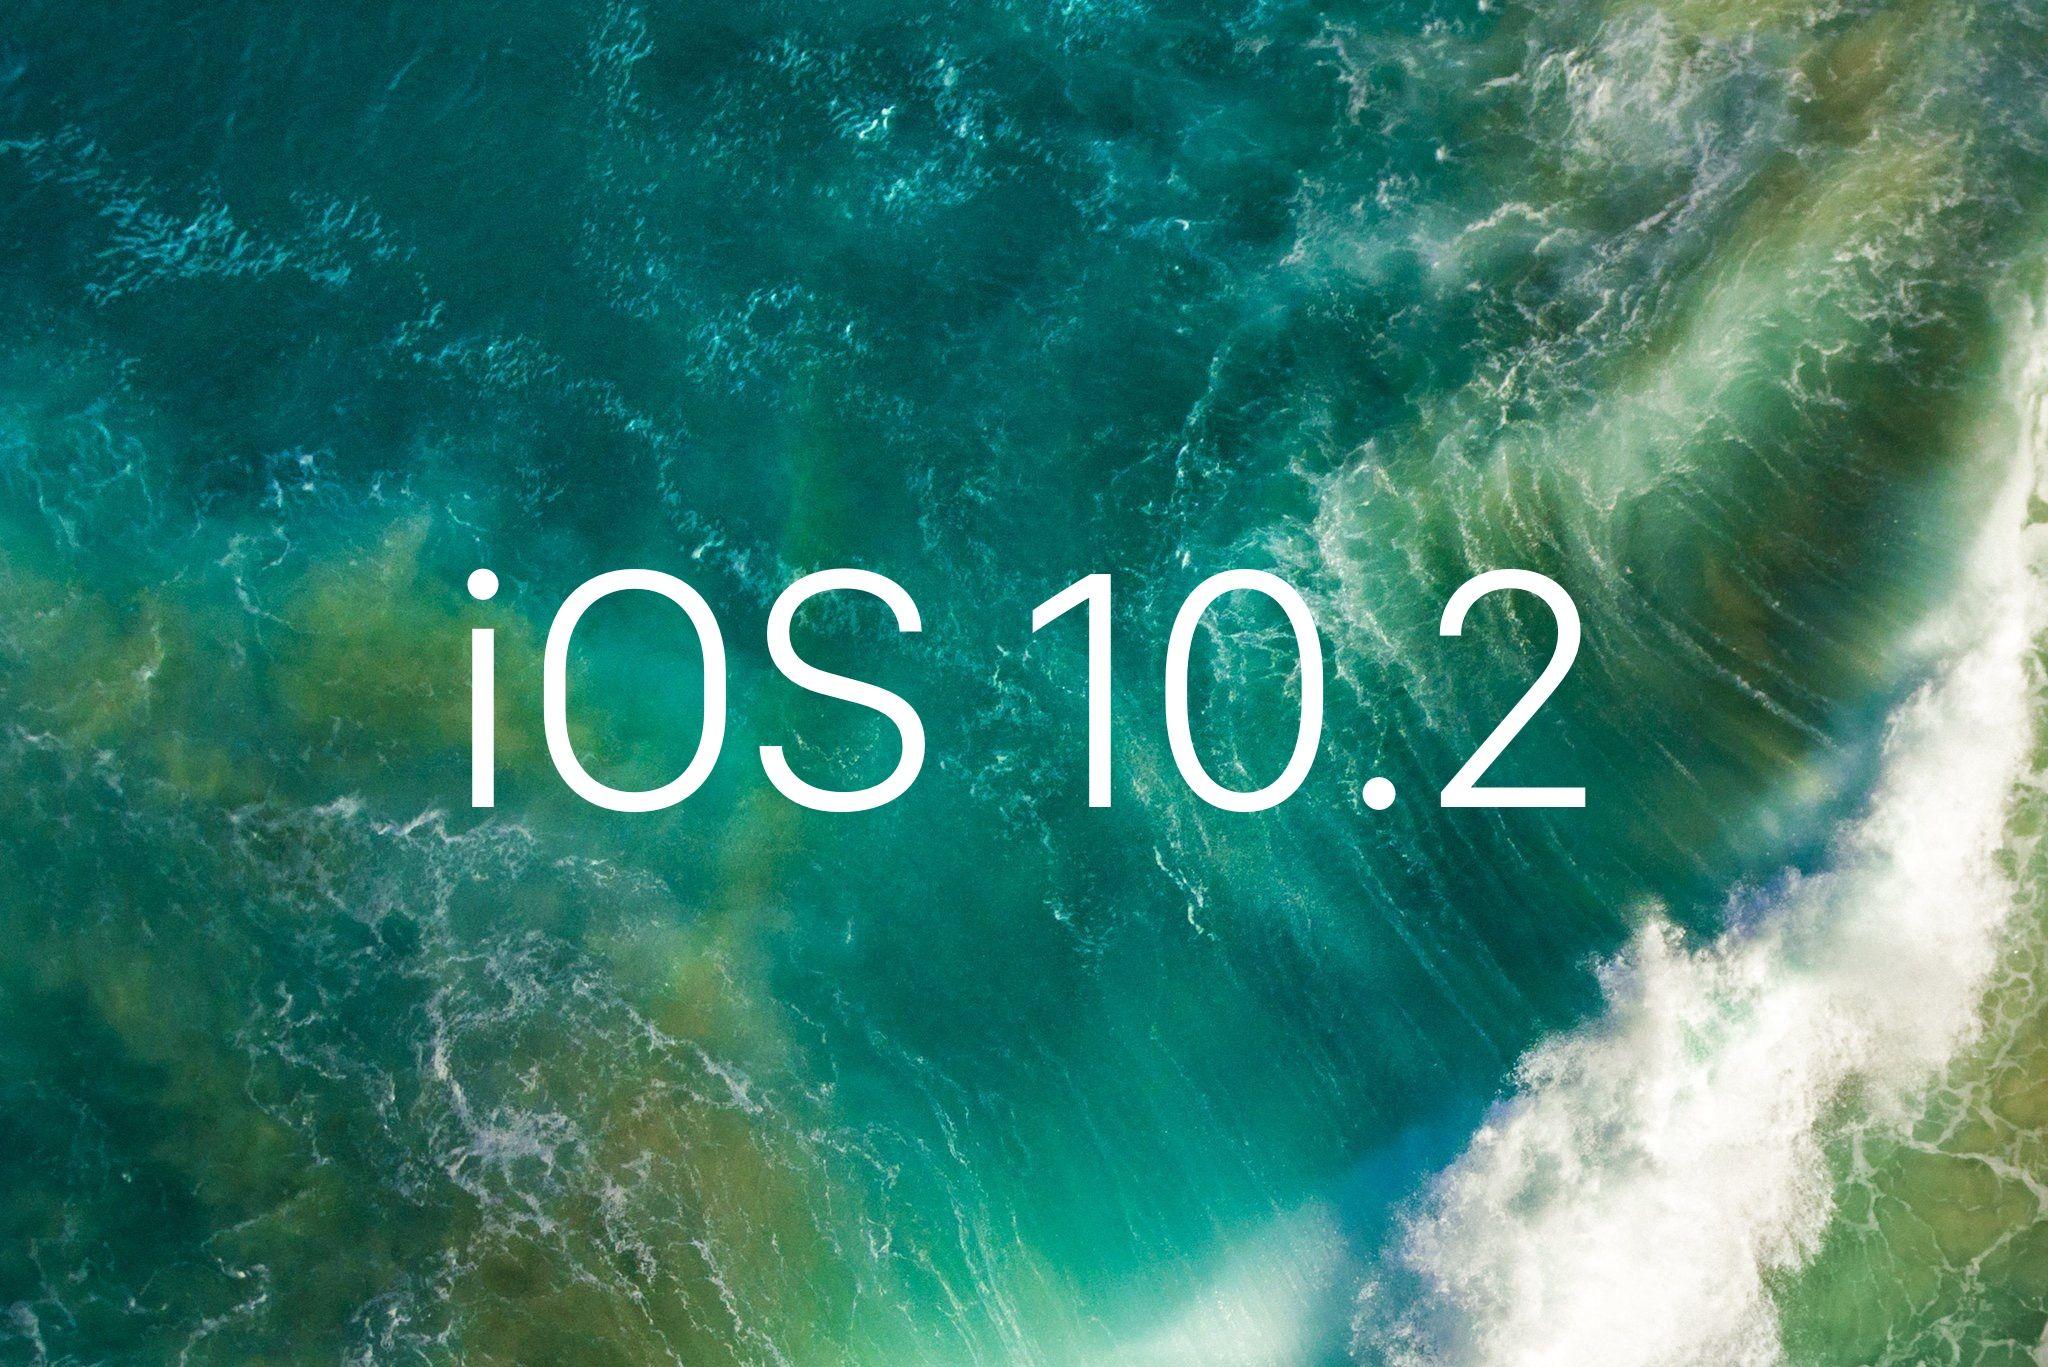 iOS 10.2 je dostupný v beta verzii, prináša nové emoji, pozadia a ďalšie vylepšenia